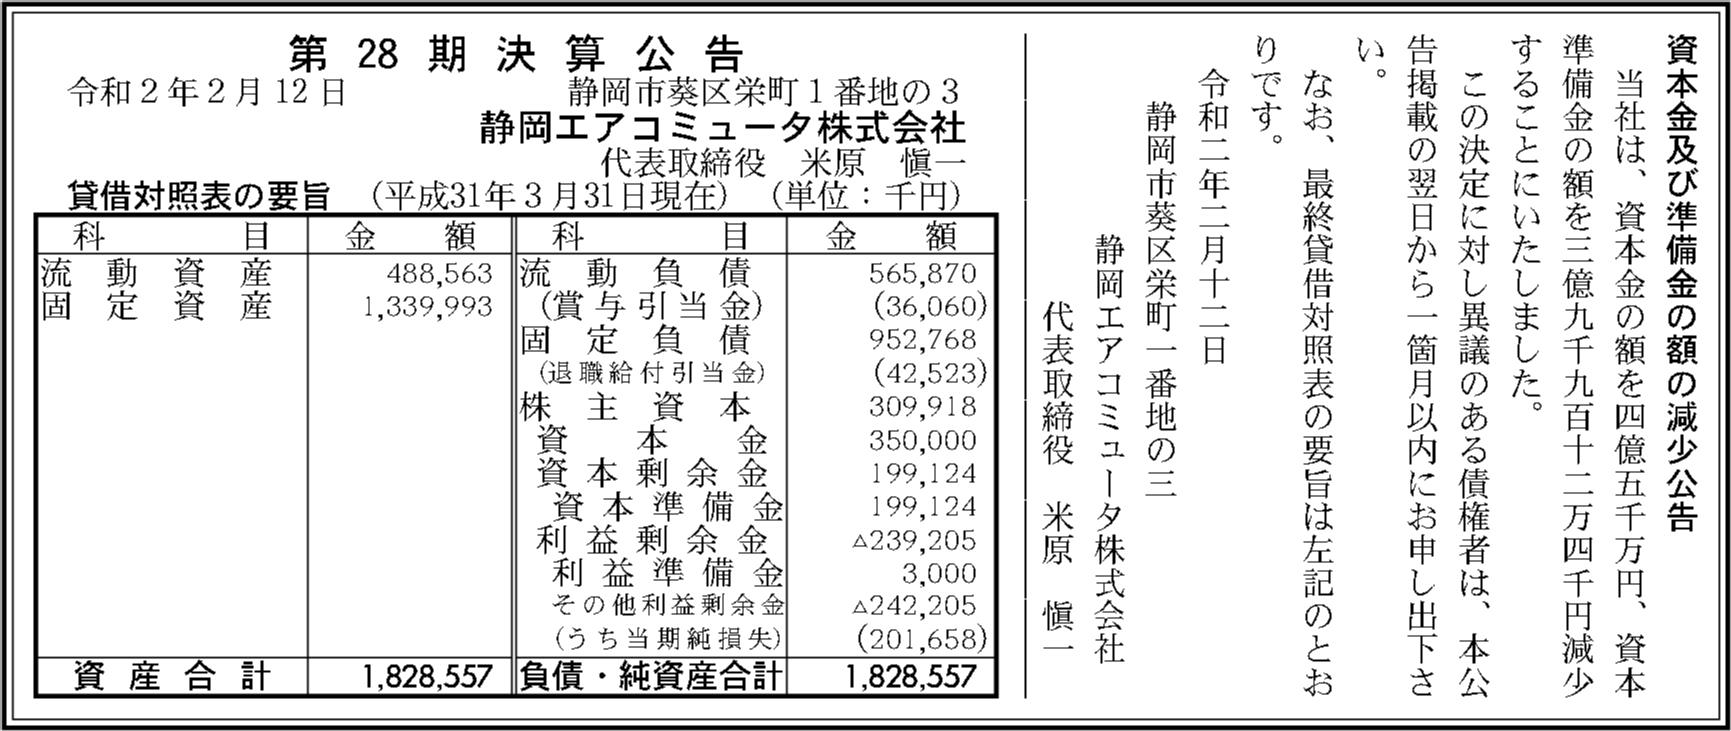 0060 8f165b776534766003b1d43b9b47cbfd3029103c49b8576c1f5de90d64207f25d0521350a4009ee29d8b7e8fb5ed4610b4483baf4e74425a50940245a0ad6e9a 01